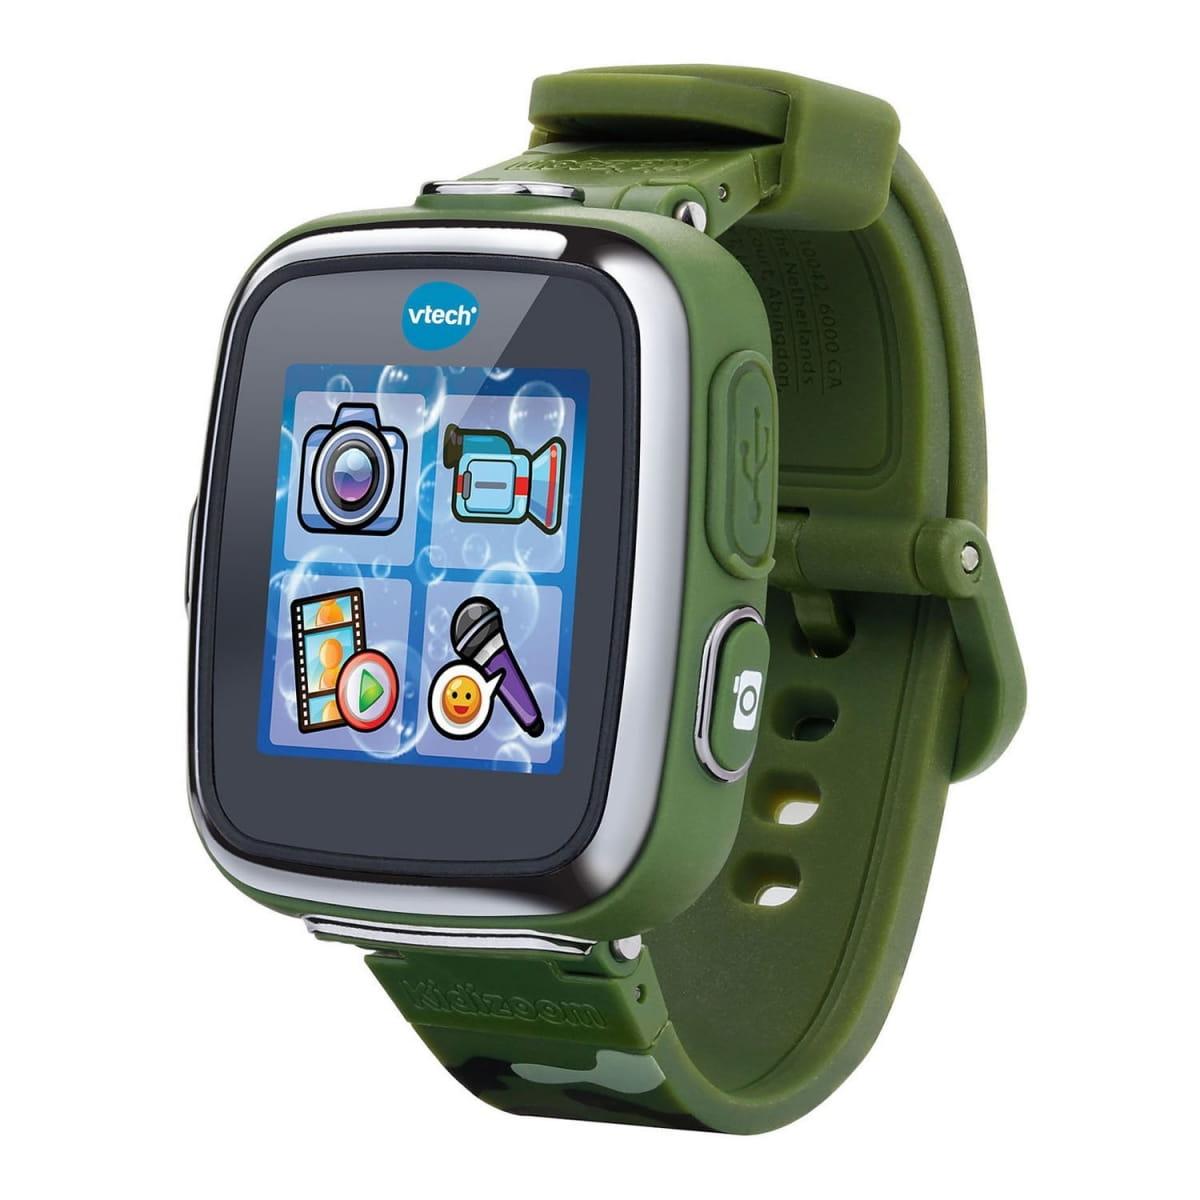 Цифровые часы Vtech Kidizoom SmartWatch DX - камуфляжные